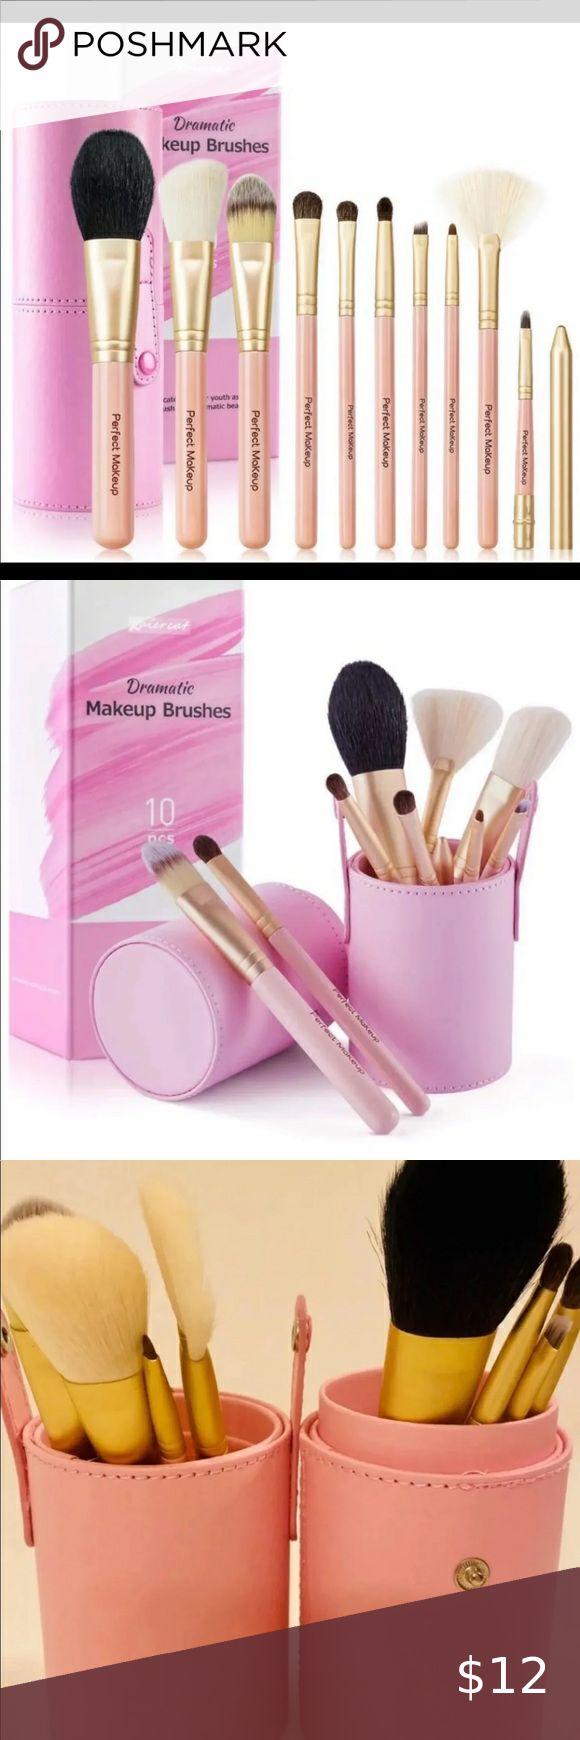 Travel Makeup Brush Set Travel Makeup Brush Set Natural